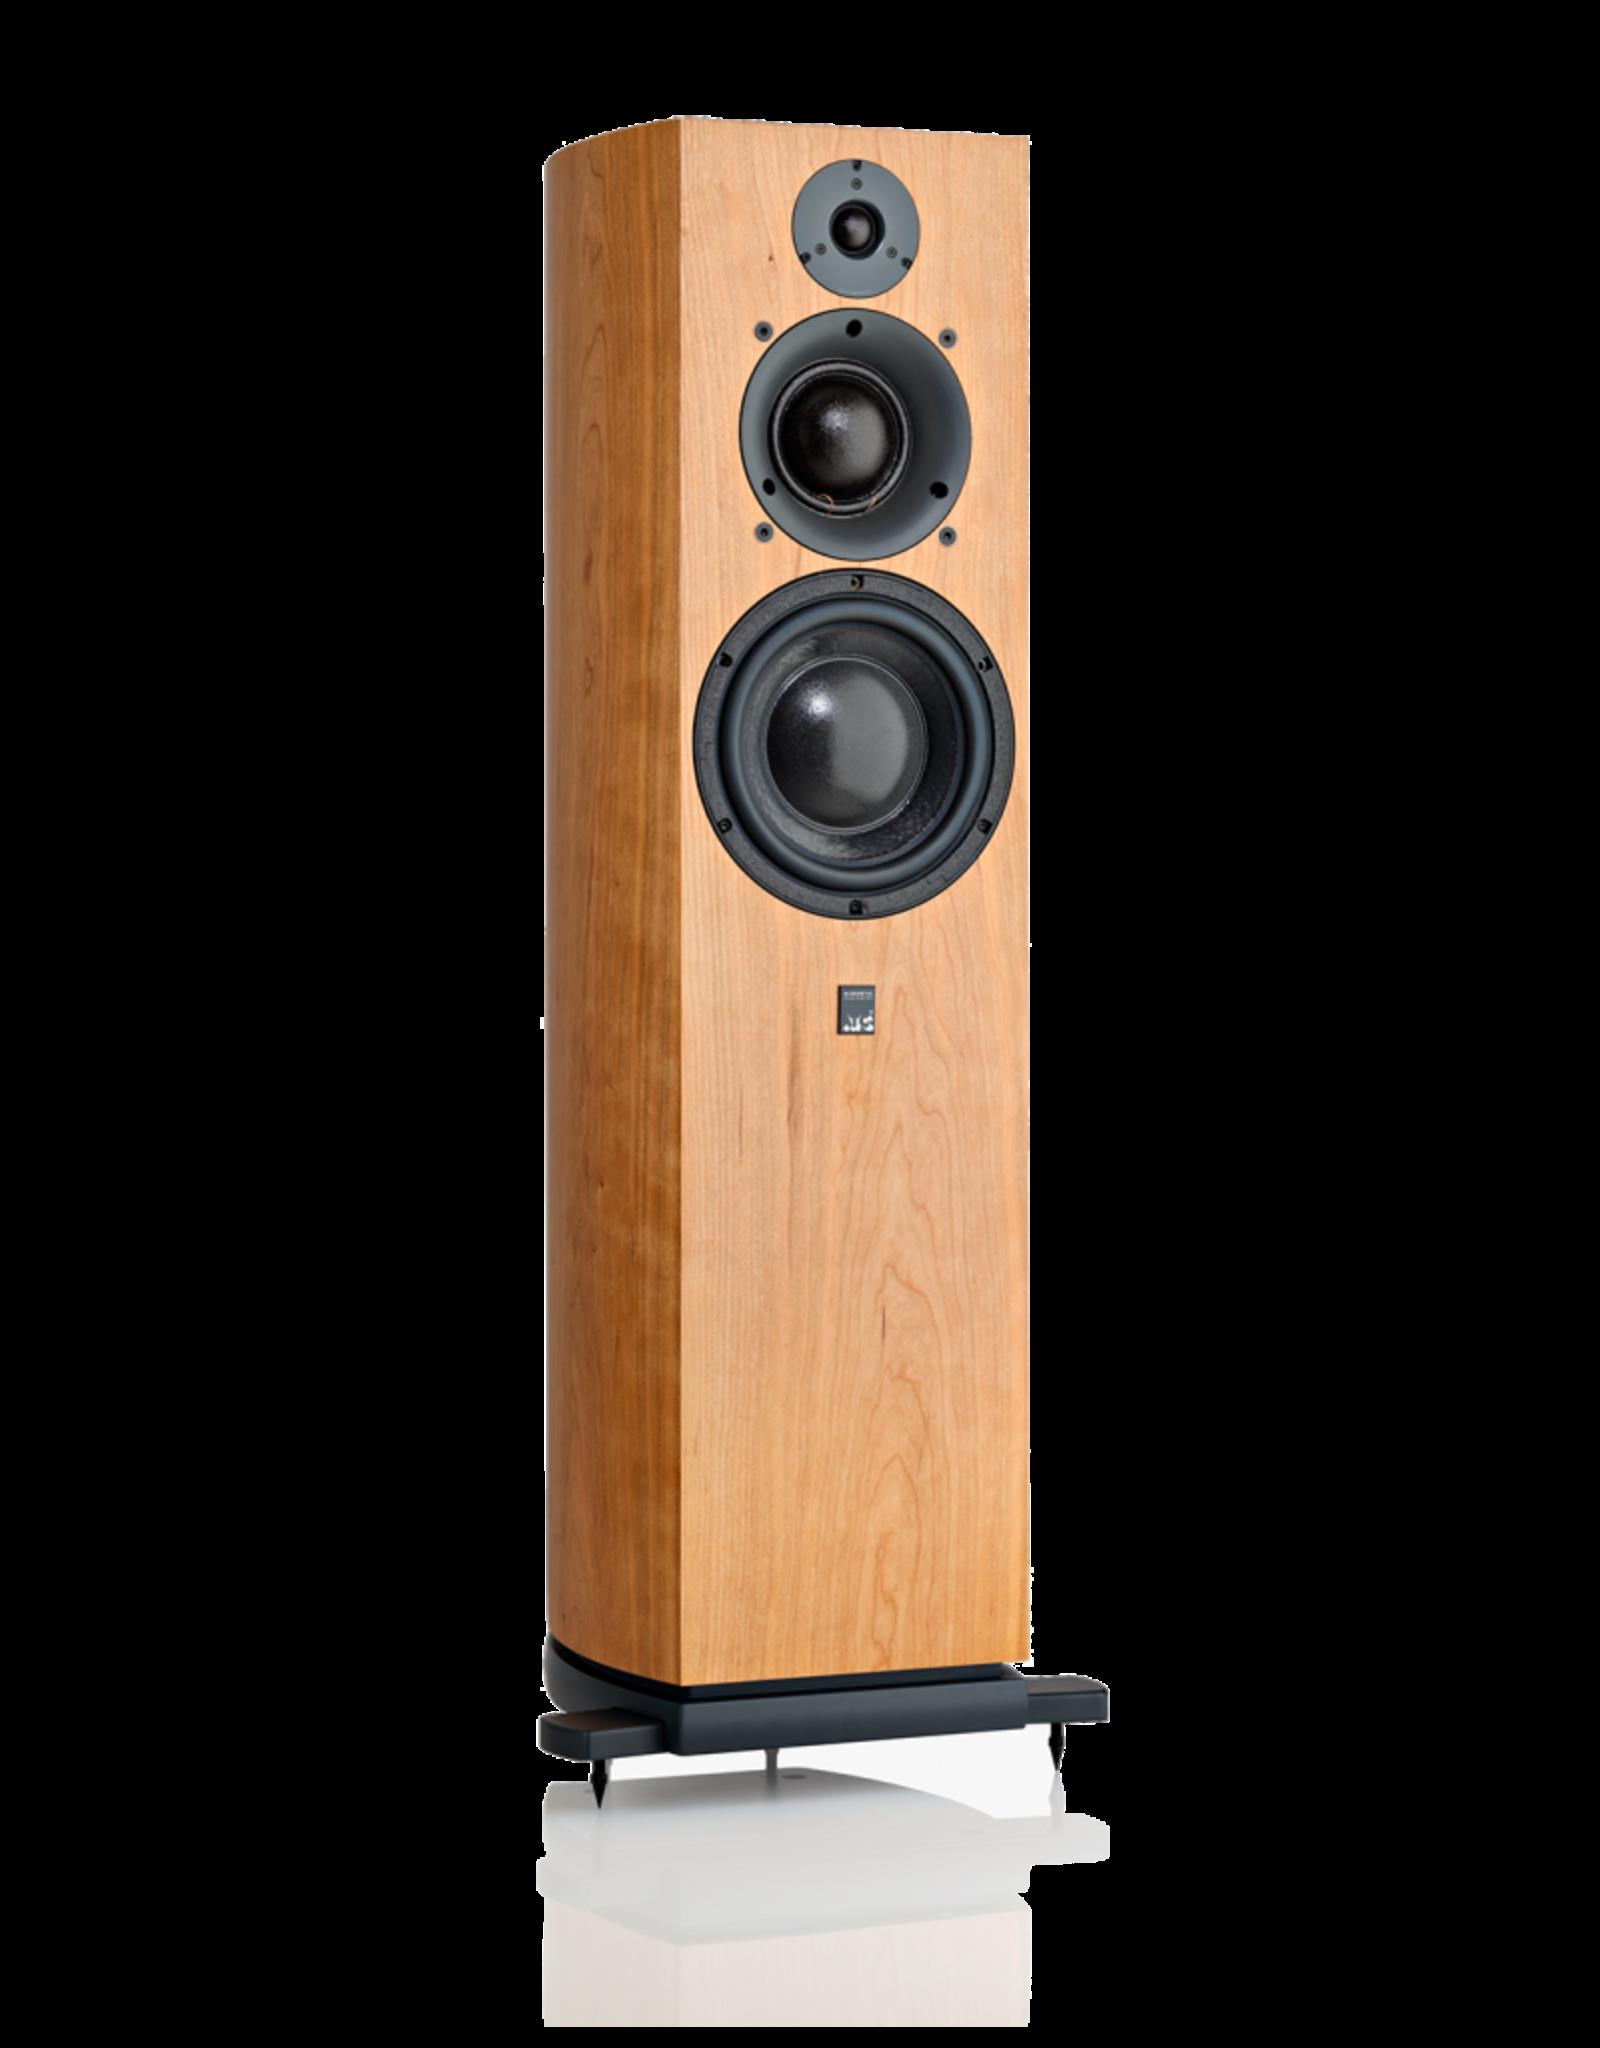 ATC ATC SCM40 v2 Floorstanding Speakers Cherry EX-DEMO